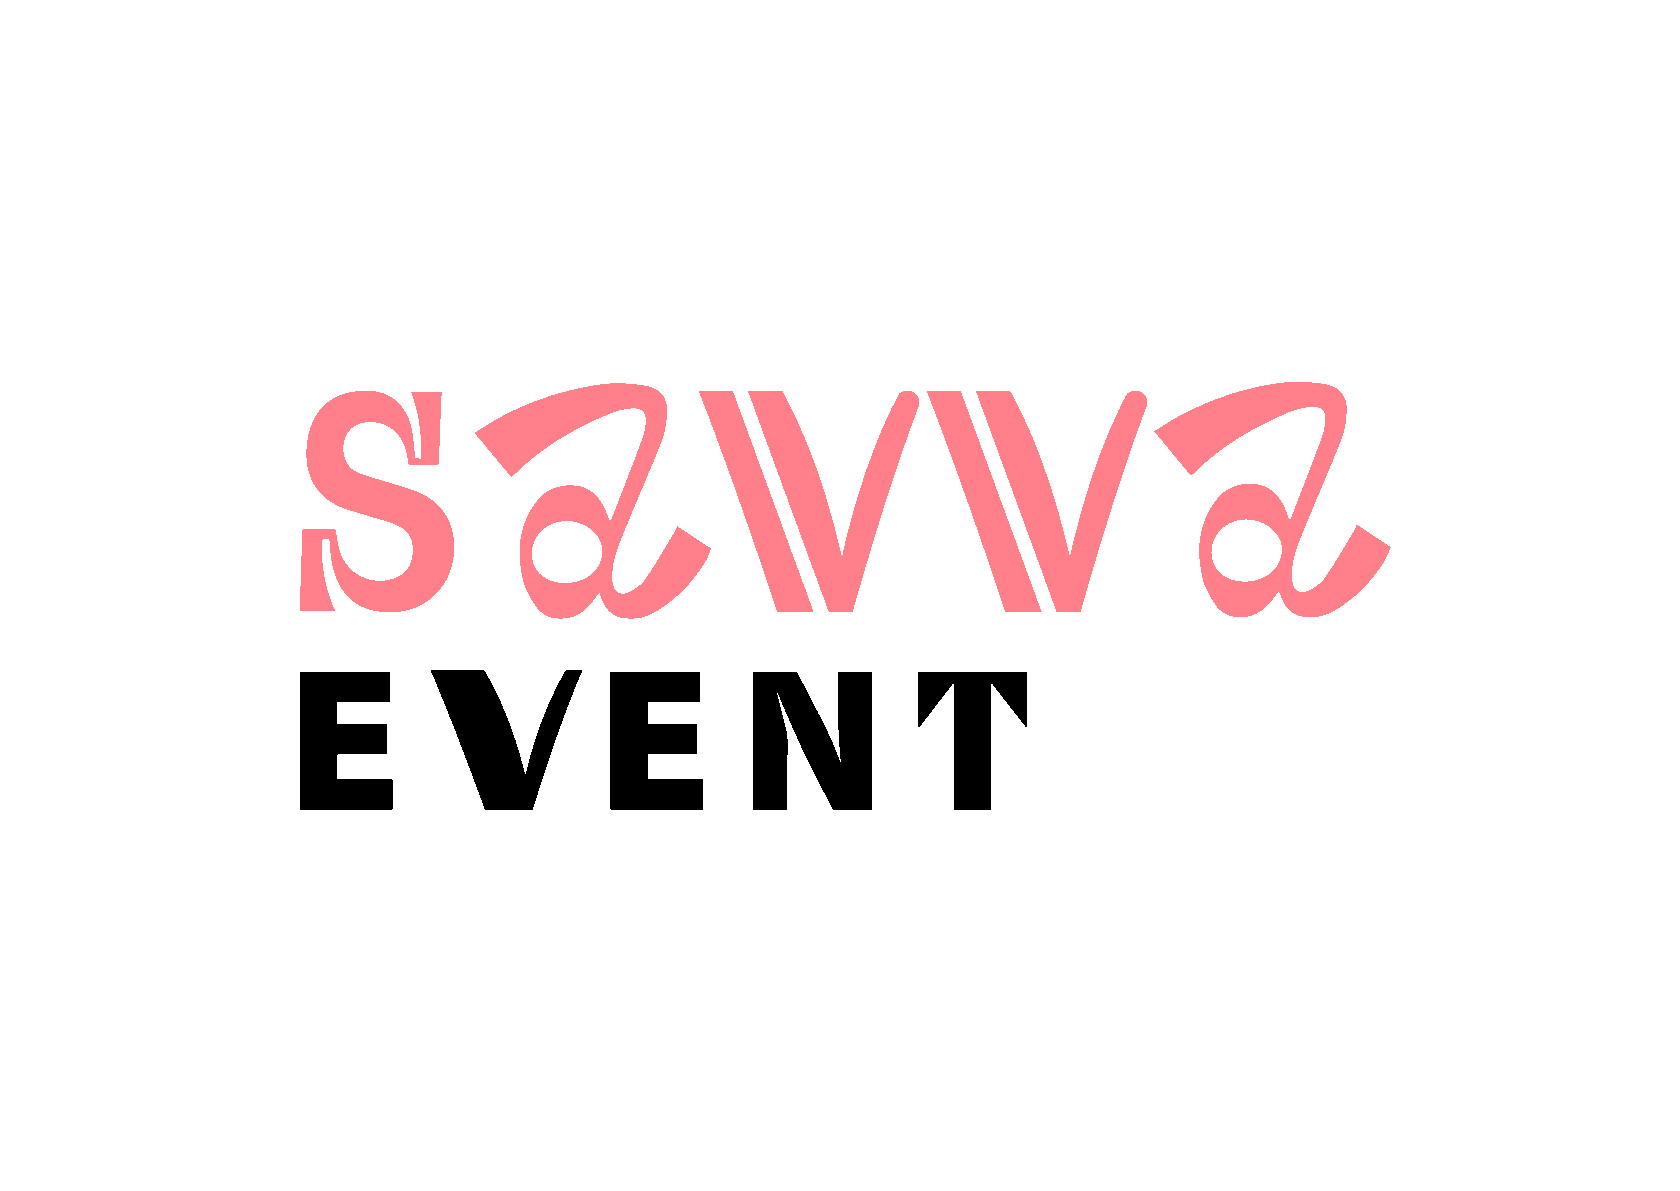 Savva Event